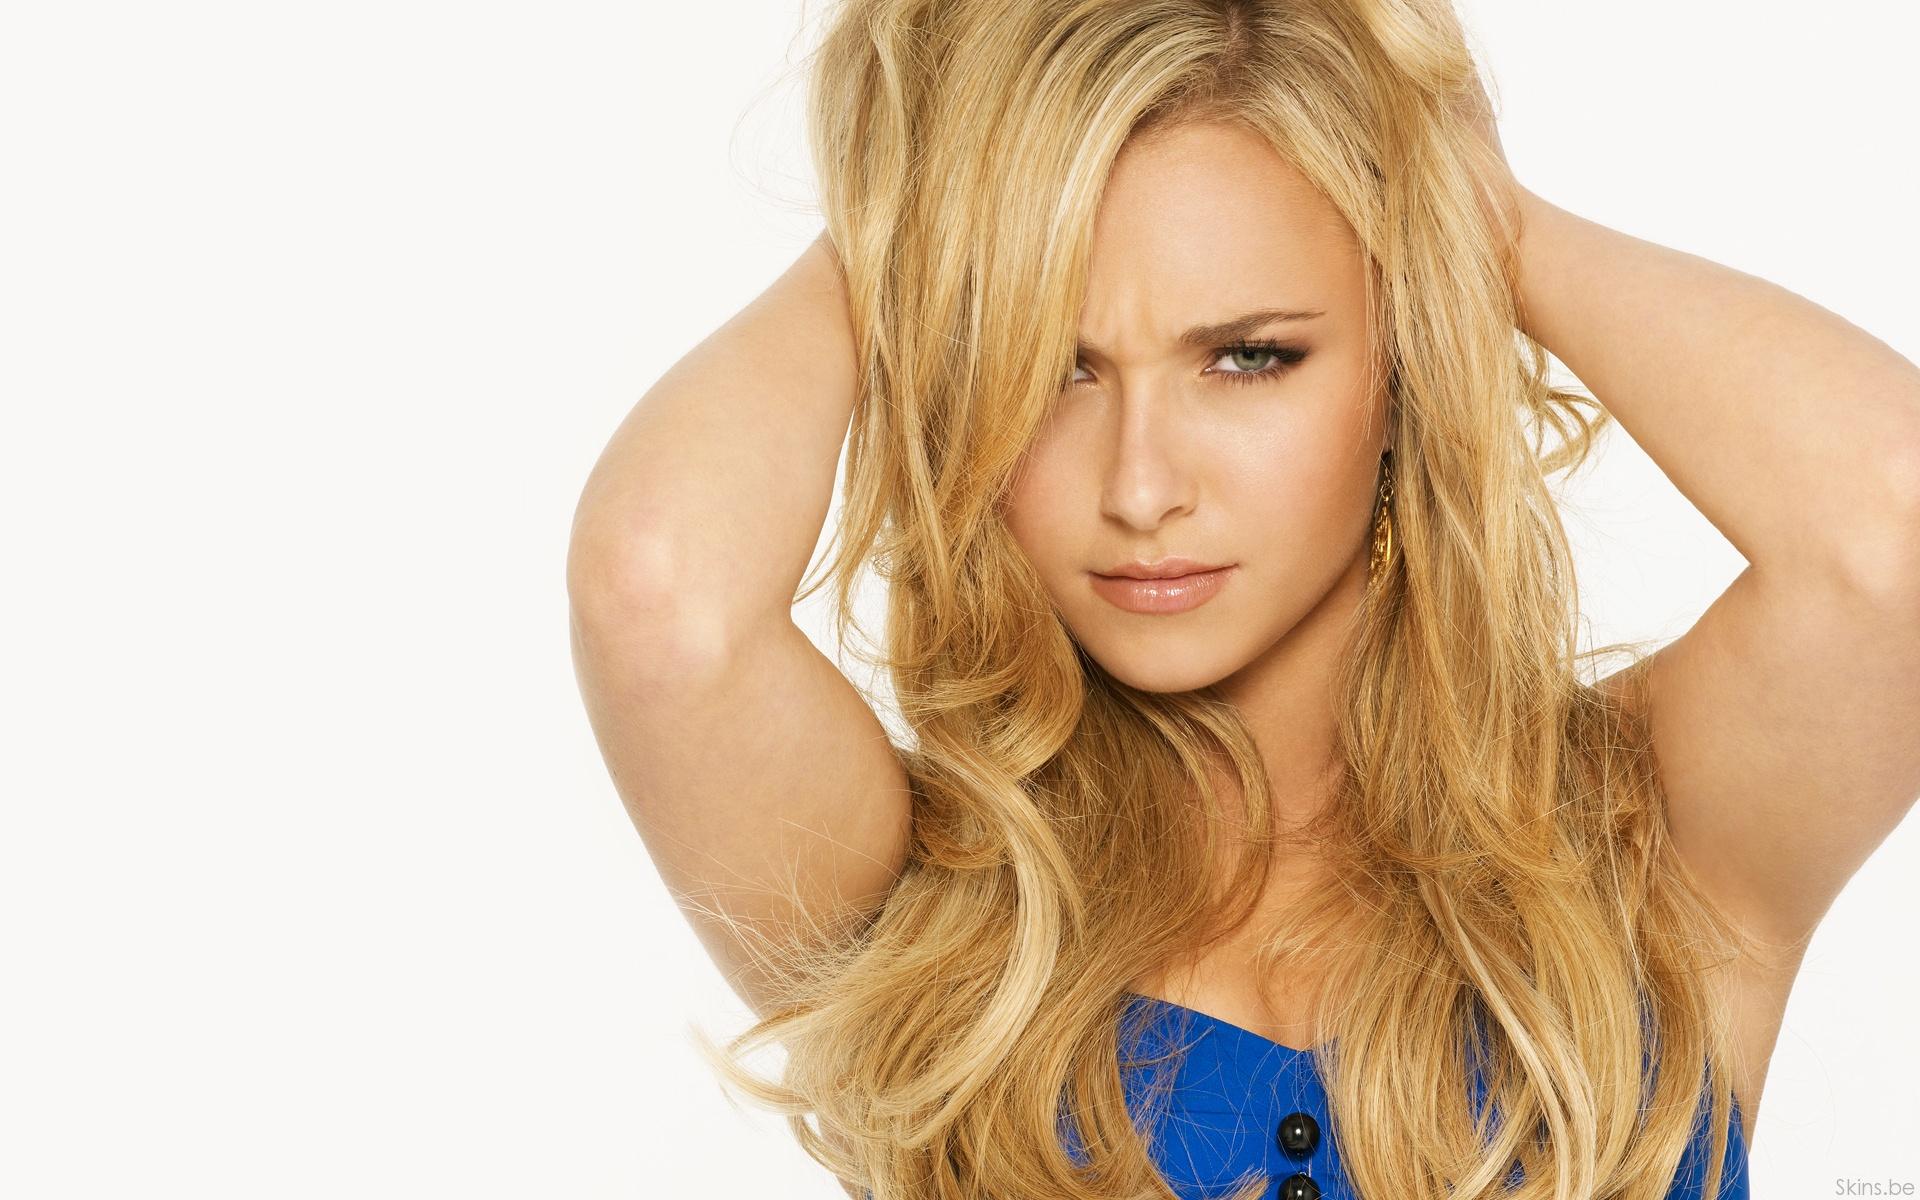 Модели блондинки фото и имена